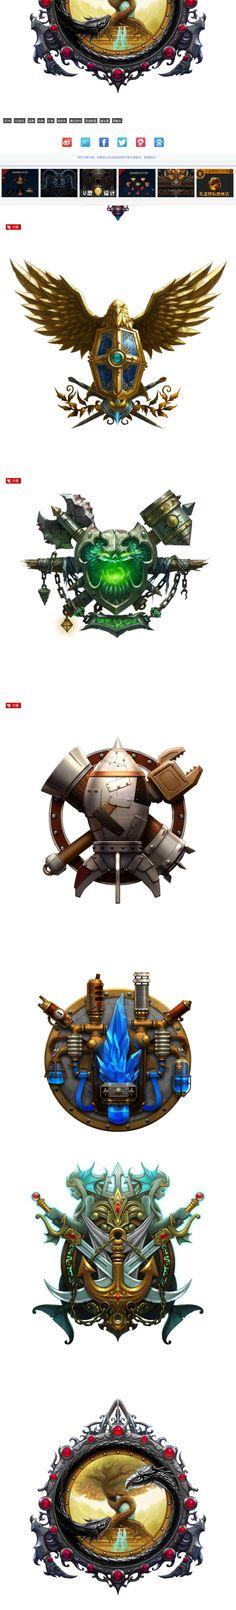 英雄联盟徽章 [ICON] |GAMEU...